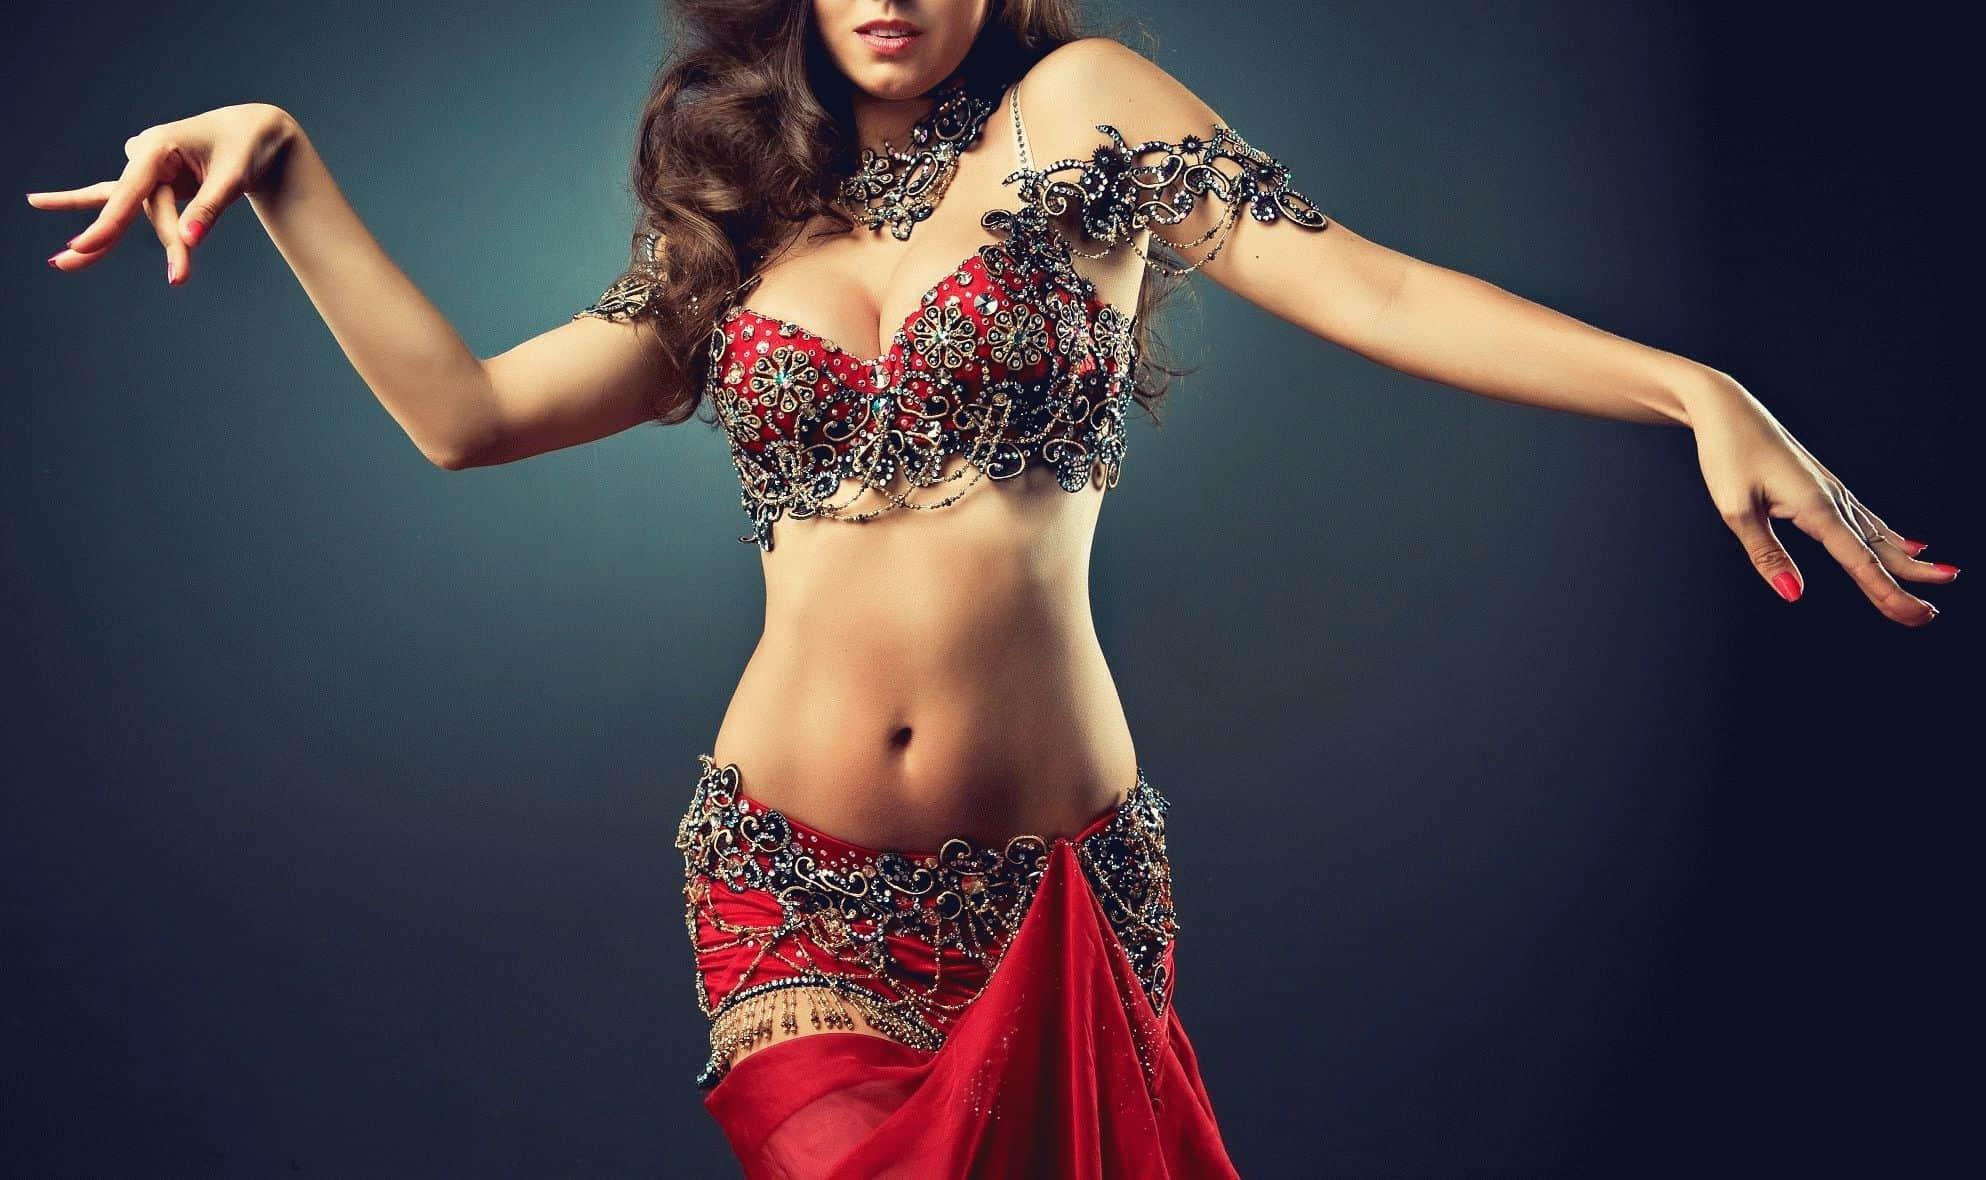 восточные танцы развивают женственность